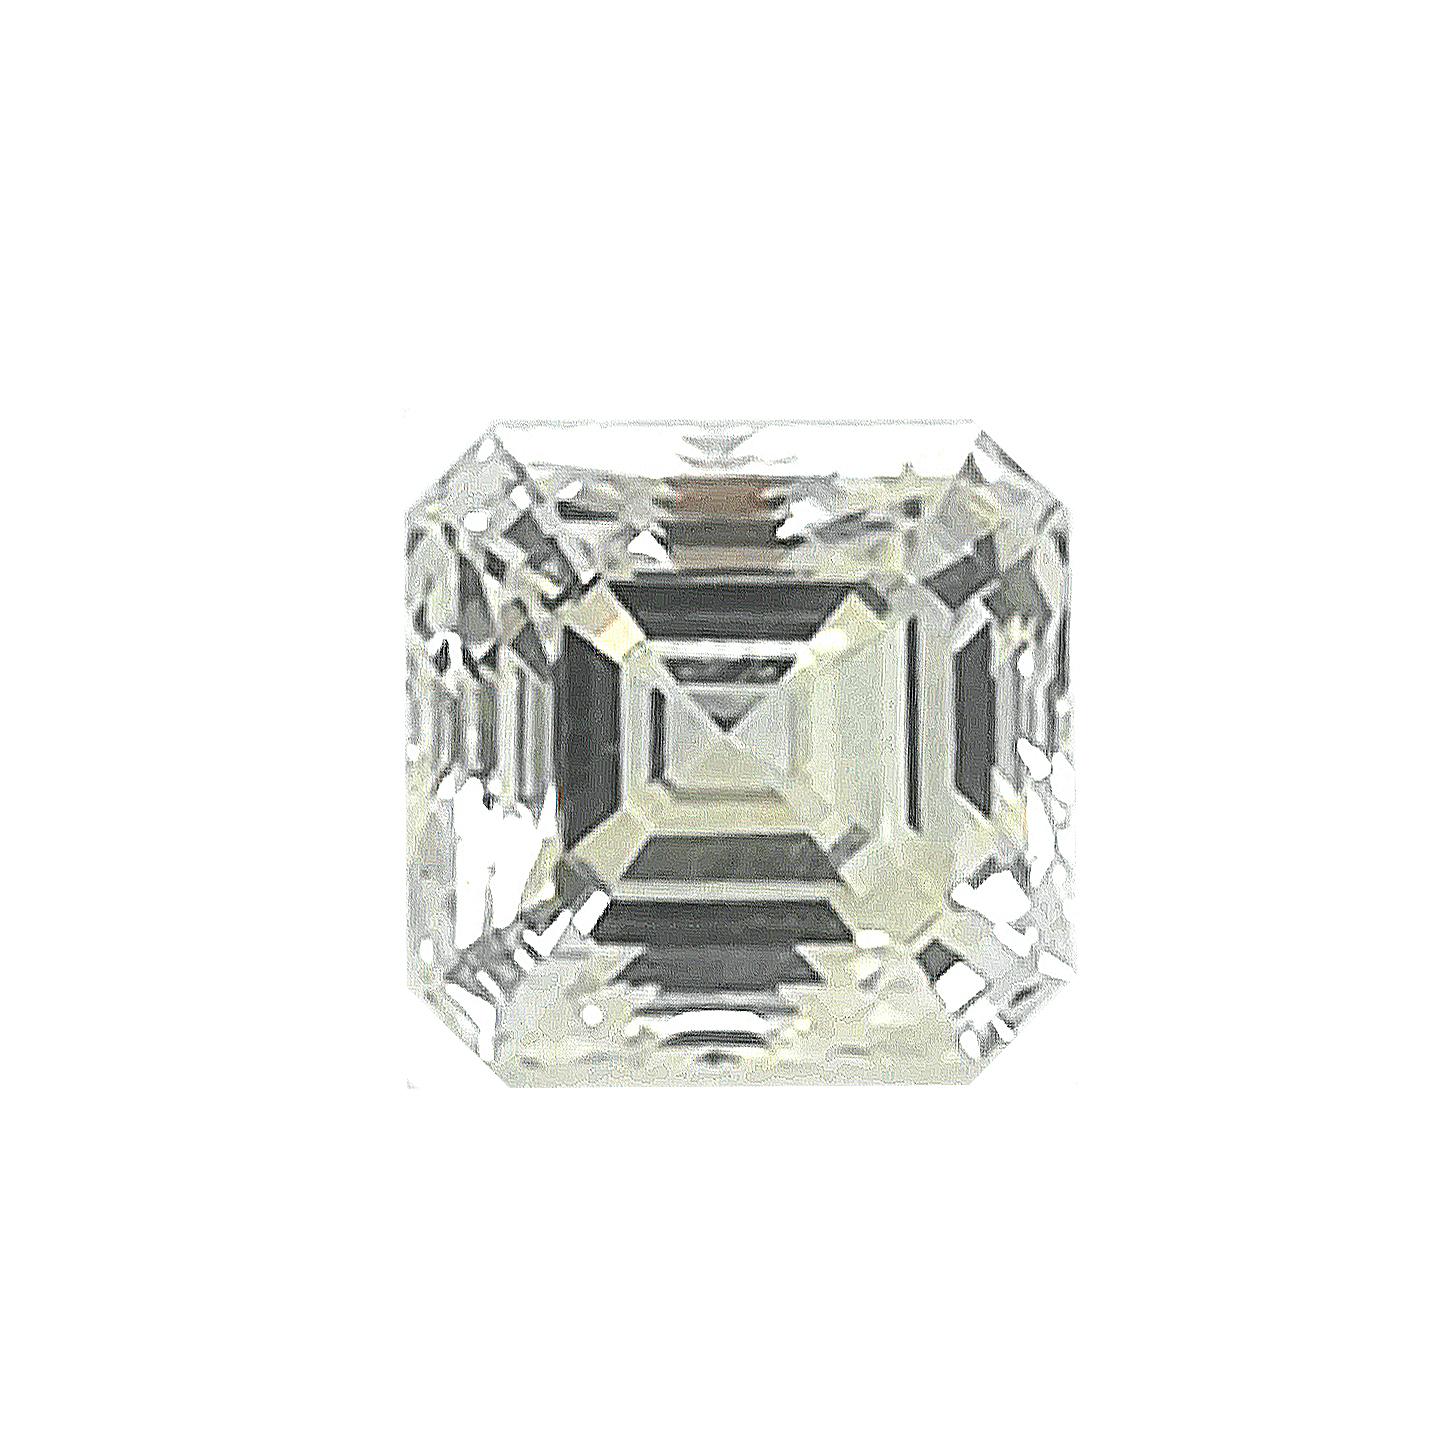 Diamant im Emerald Cut / Assher Cut, 1,19 ct, inkl. DPL-Expertise - Sammler Edelstein